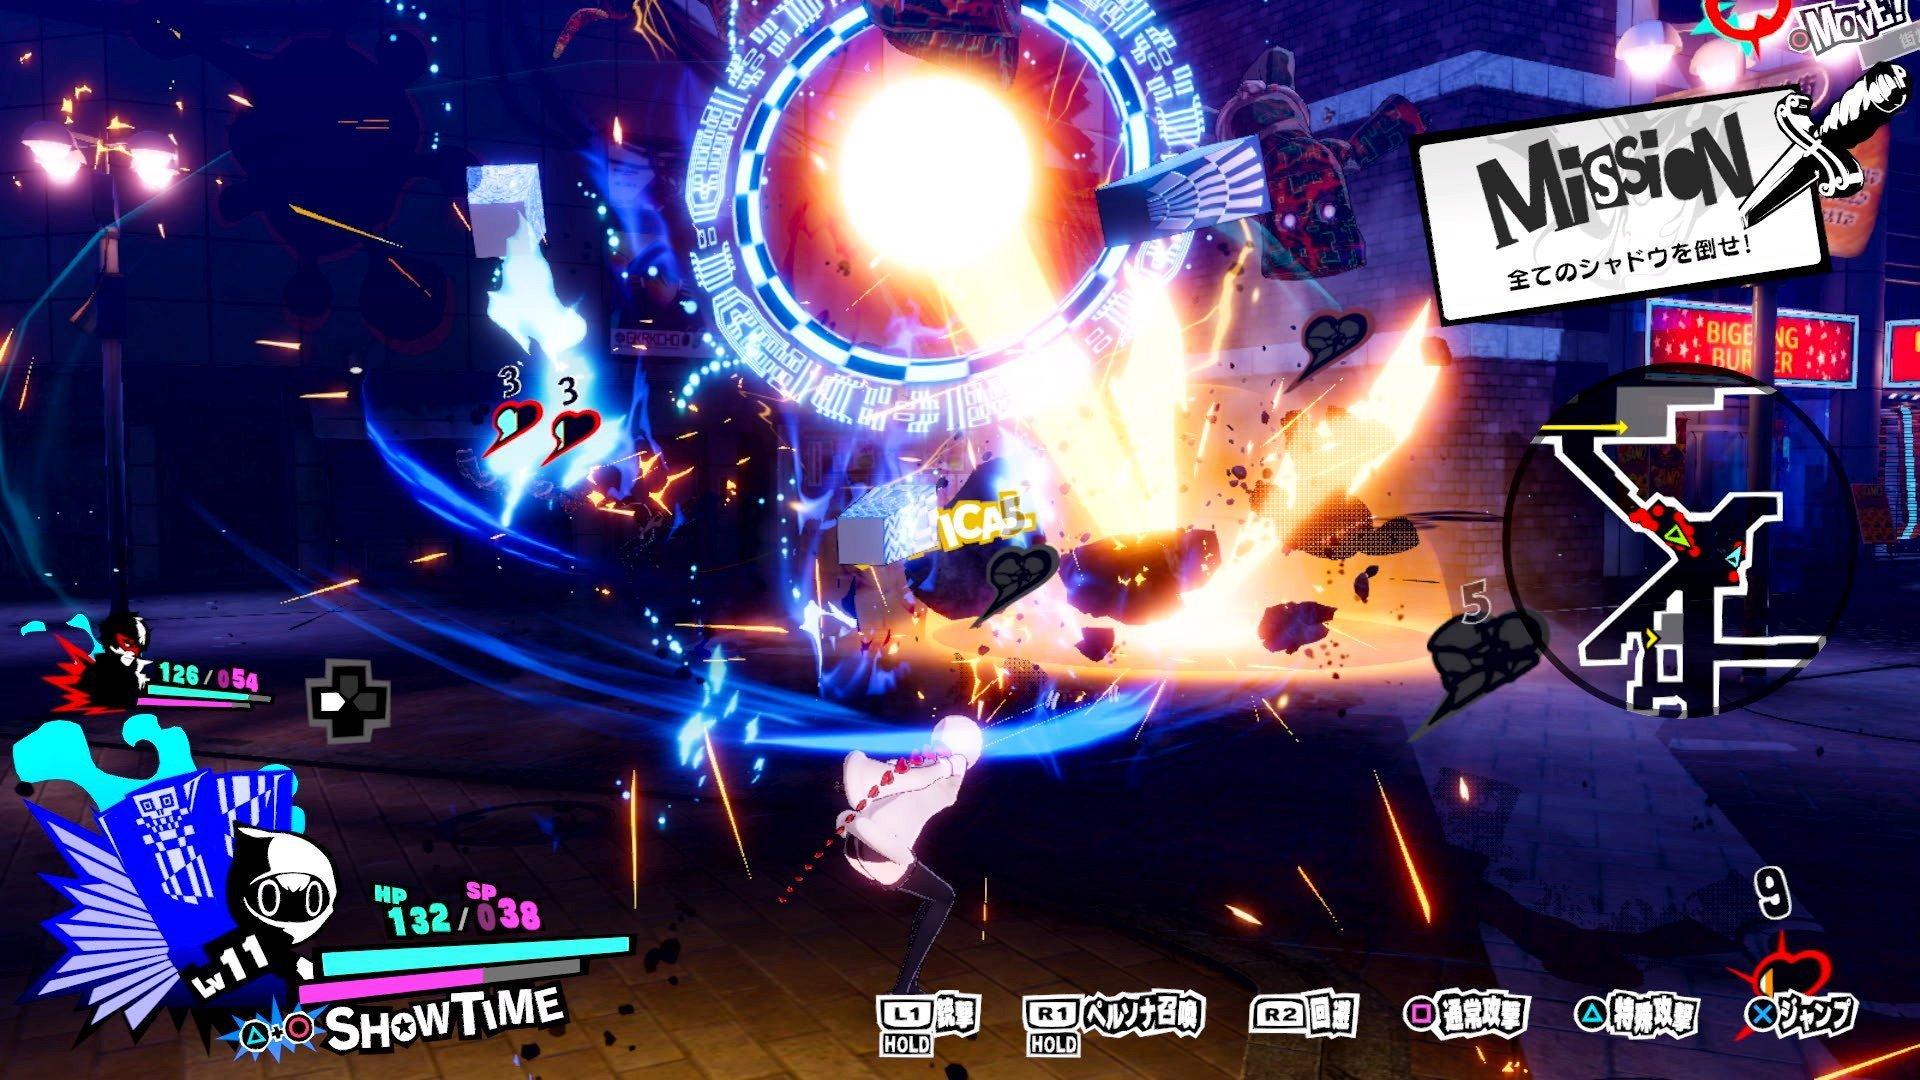 Persona 5 Scramble ganha novas imagens com gameplay diferente 11